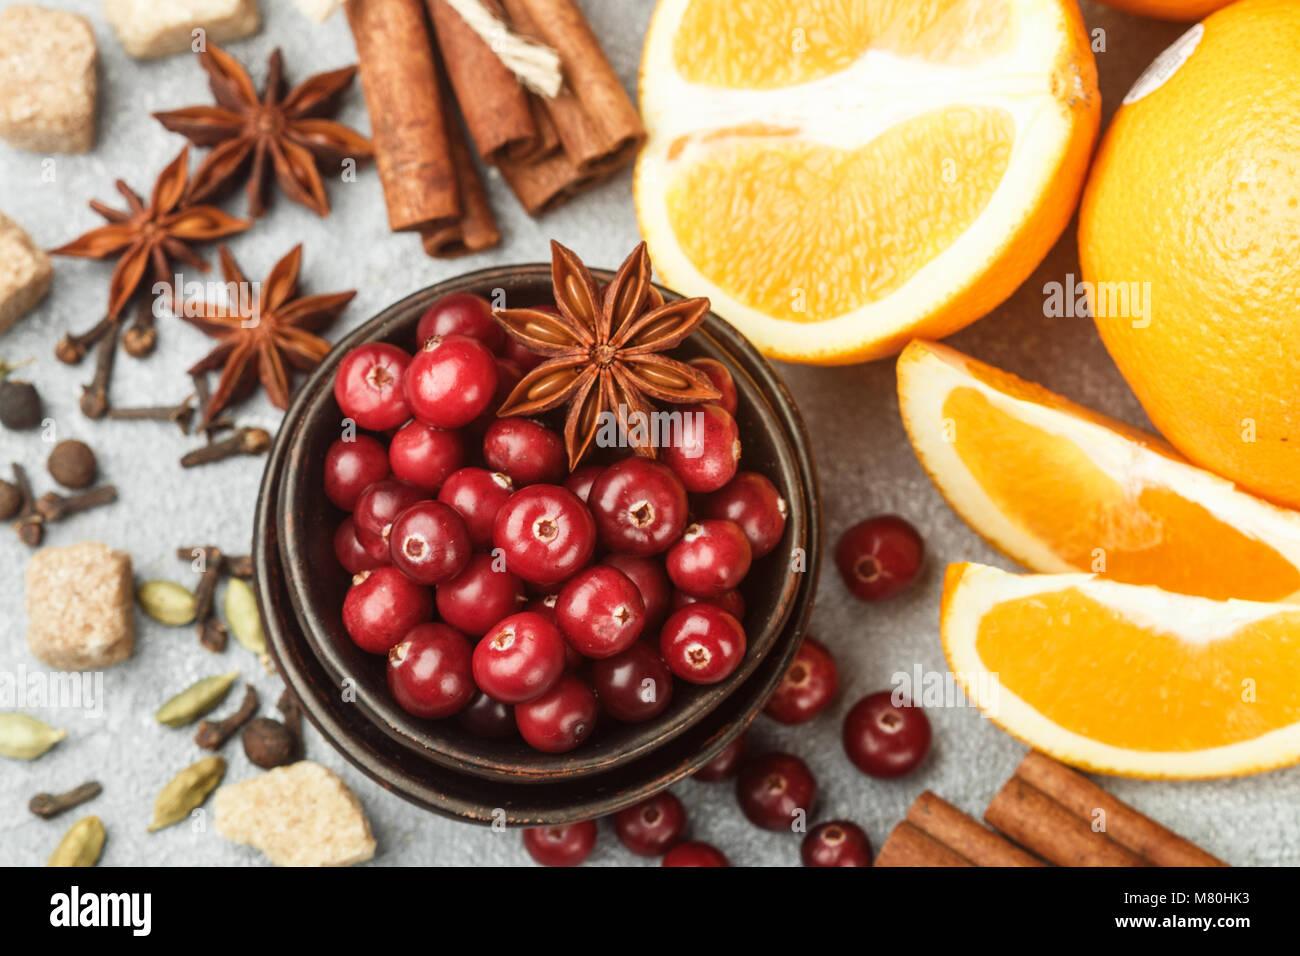 Ingrédients pour la cuisine épicée boissons traditionnelles hiver - canneberge, d'agrumes, cannelle, Photo Stock